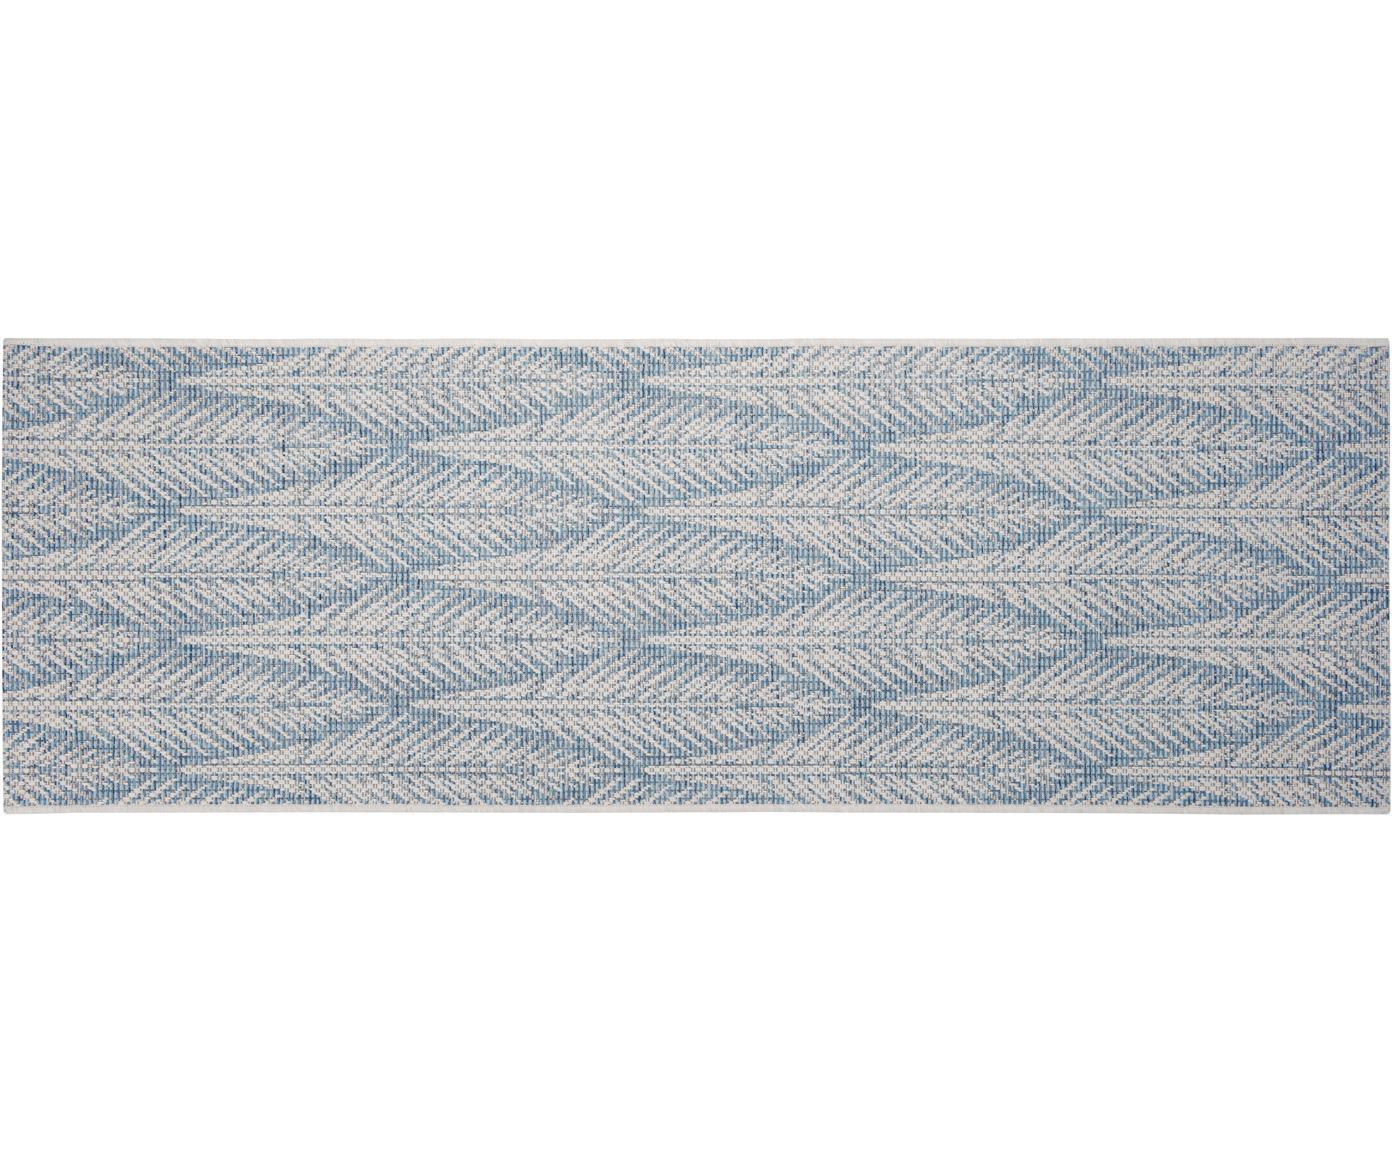 Design In- & Outdoor-Läufer Pella mit grafischem Muster, 100% Polypropylen, Blau, Beige, 70 x 200 cm